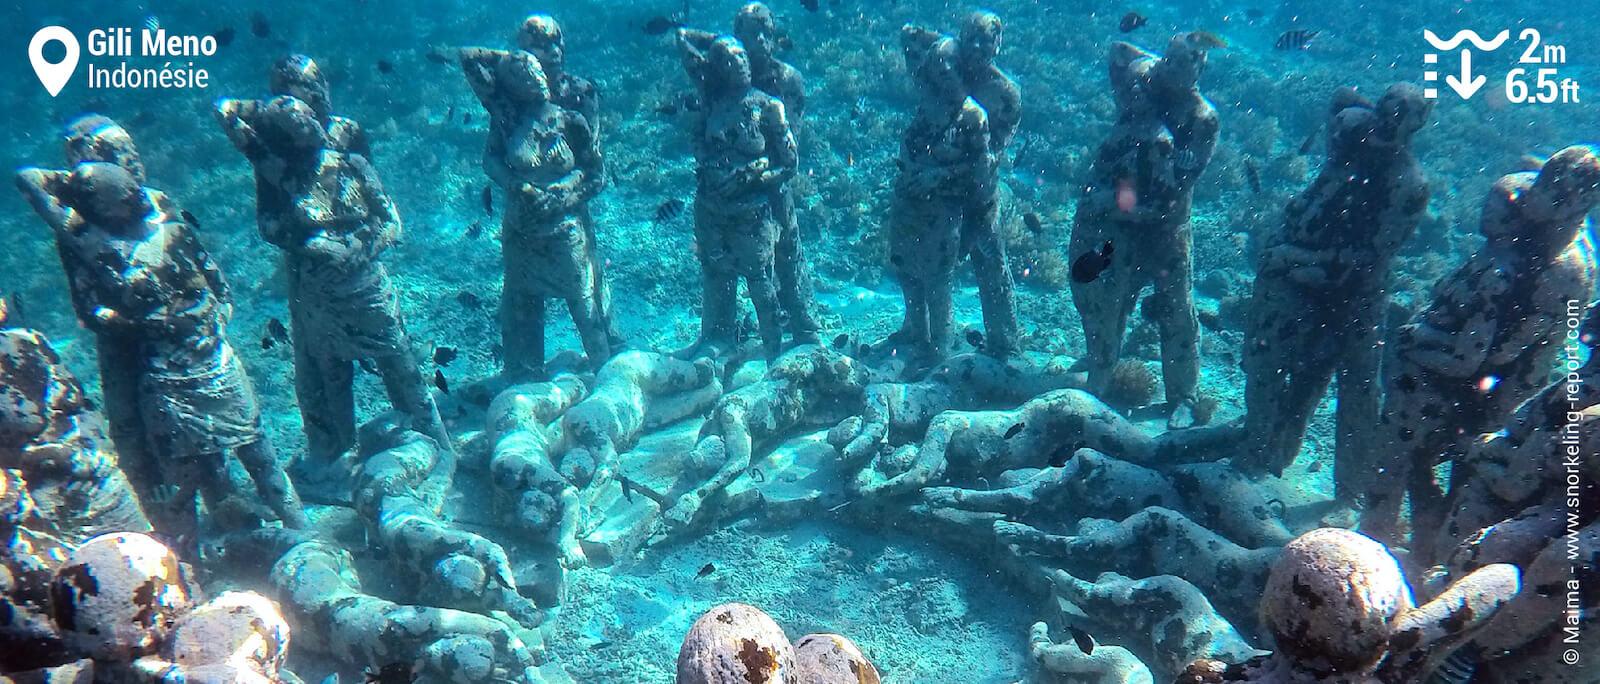 Les statues sous-marines de Gili Meno, autour desquelles gravitent de nombreux poissons, forment un décor féérique